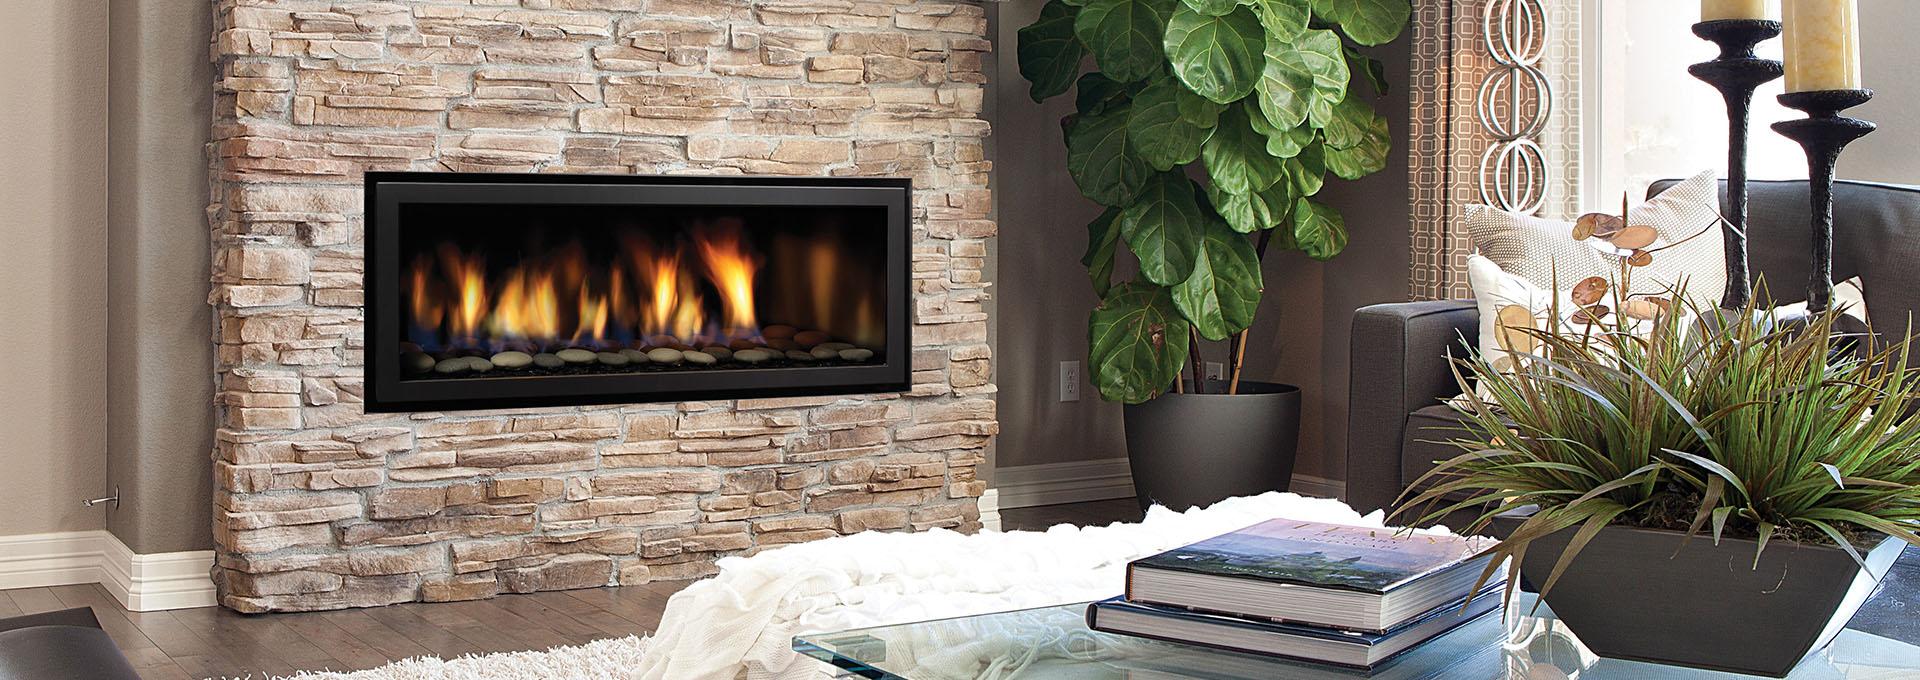 Regency Horizon Hz40e Contemporary Gas Fireplace Toronto